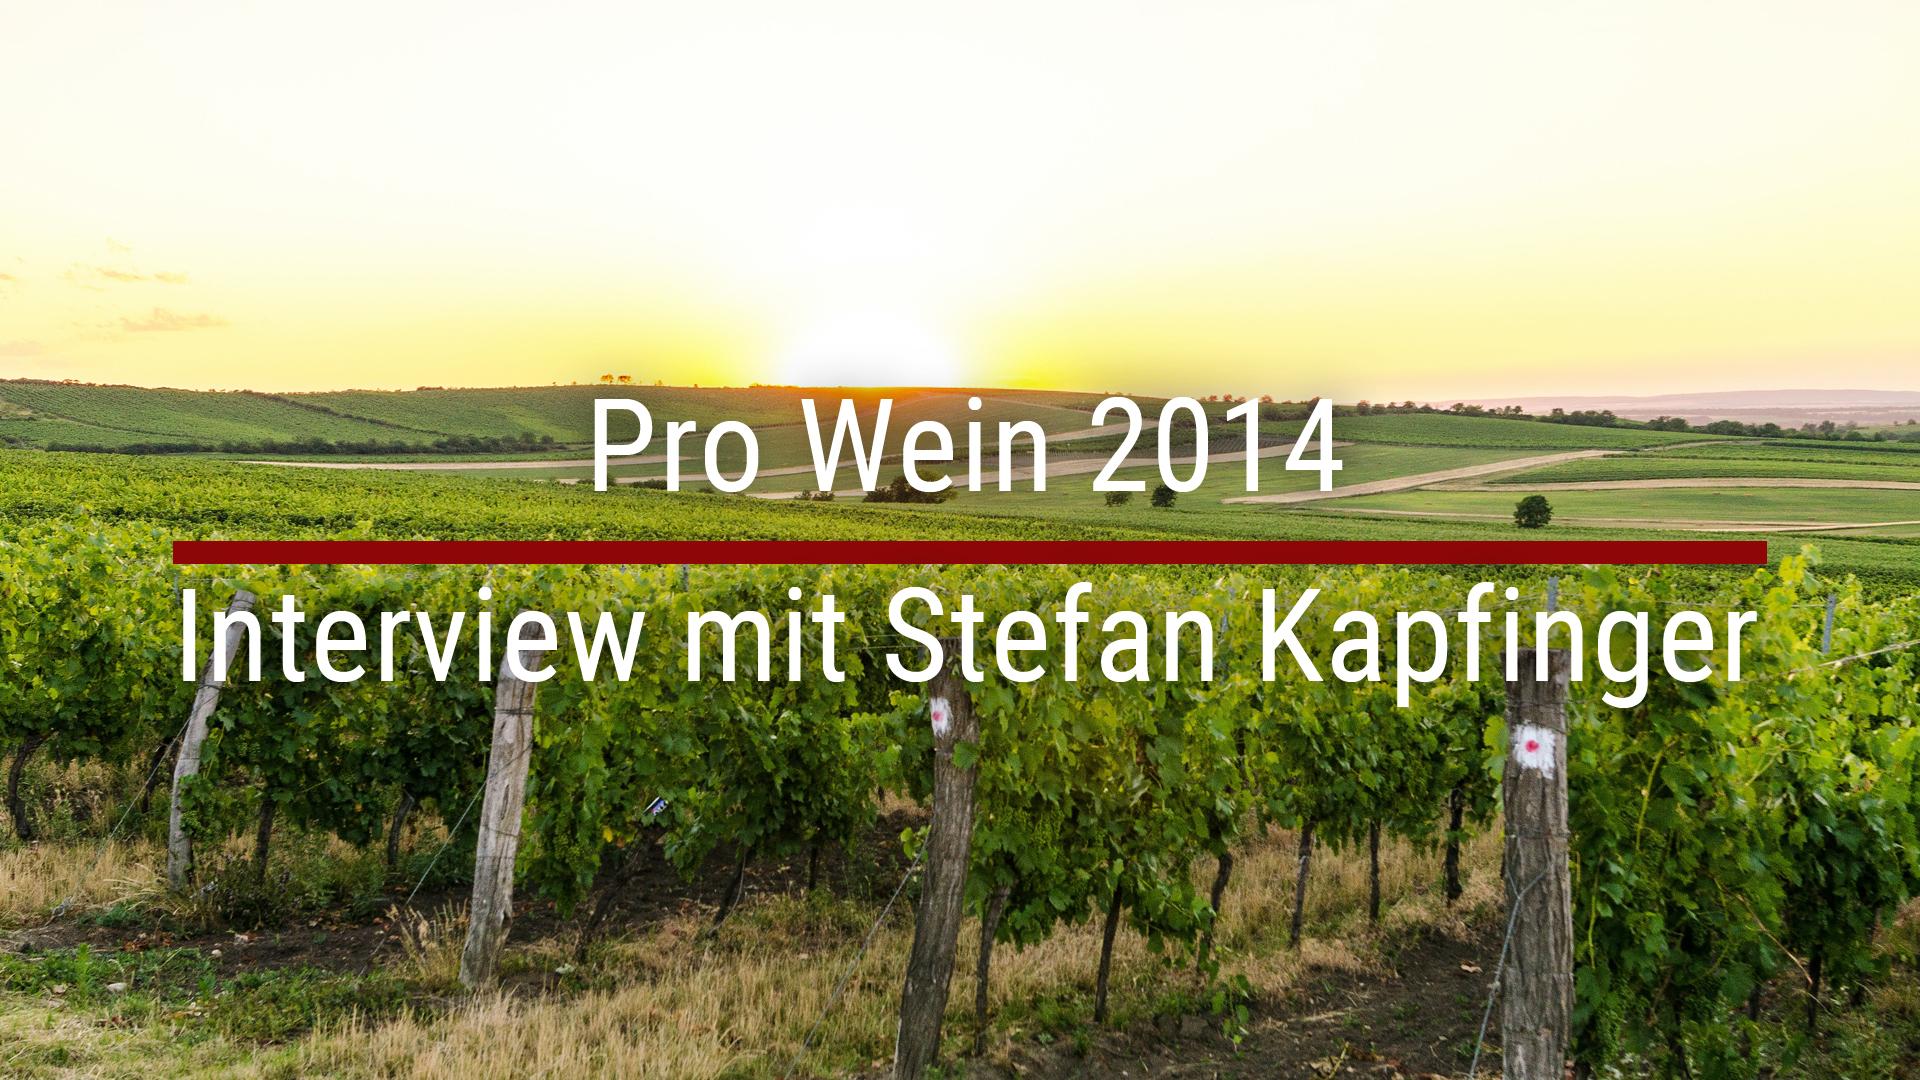 Pro Wein 2014 – Interview mit Stefan Kapfinger